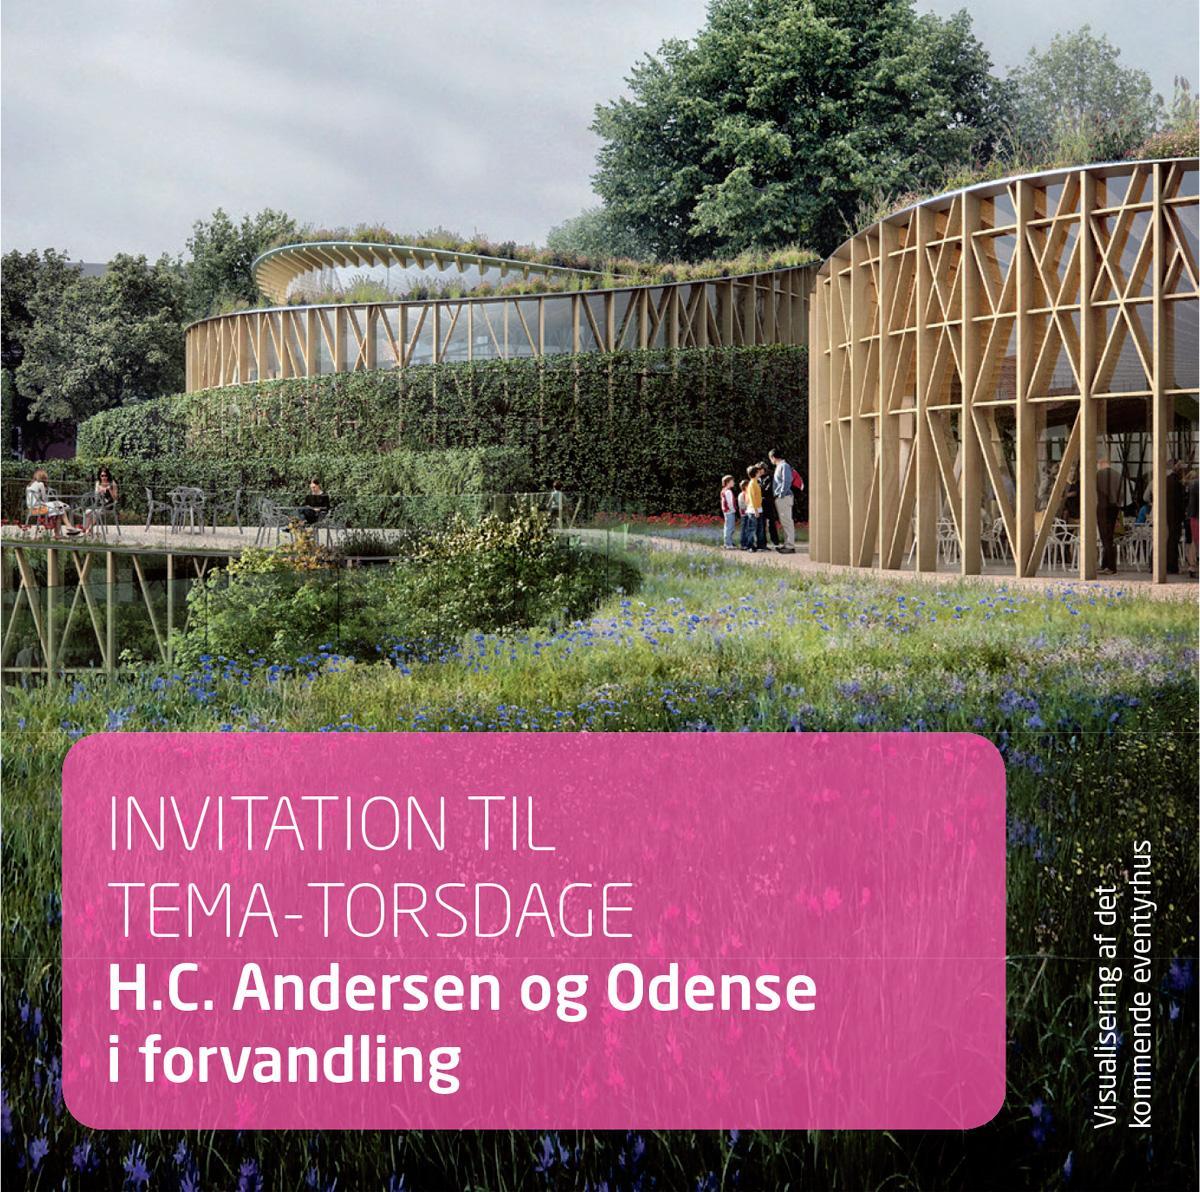 Tema-aftener om H.C. Andersen og Odense ved H.C. Andersen-Fonden 2016